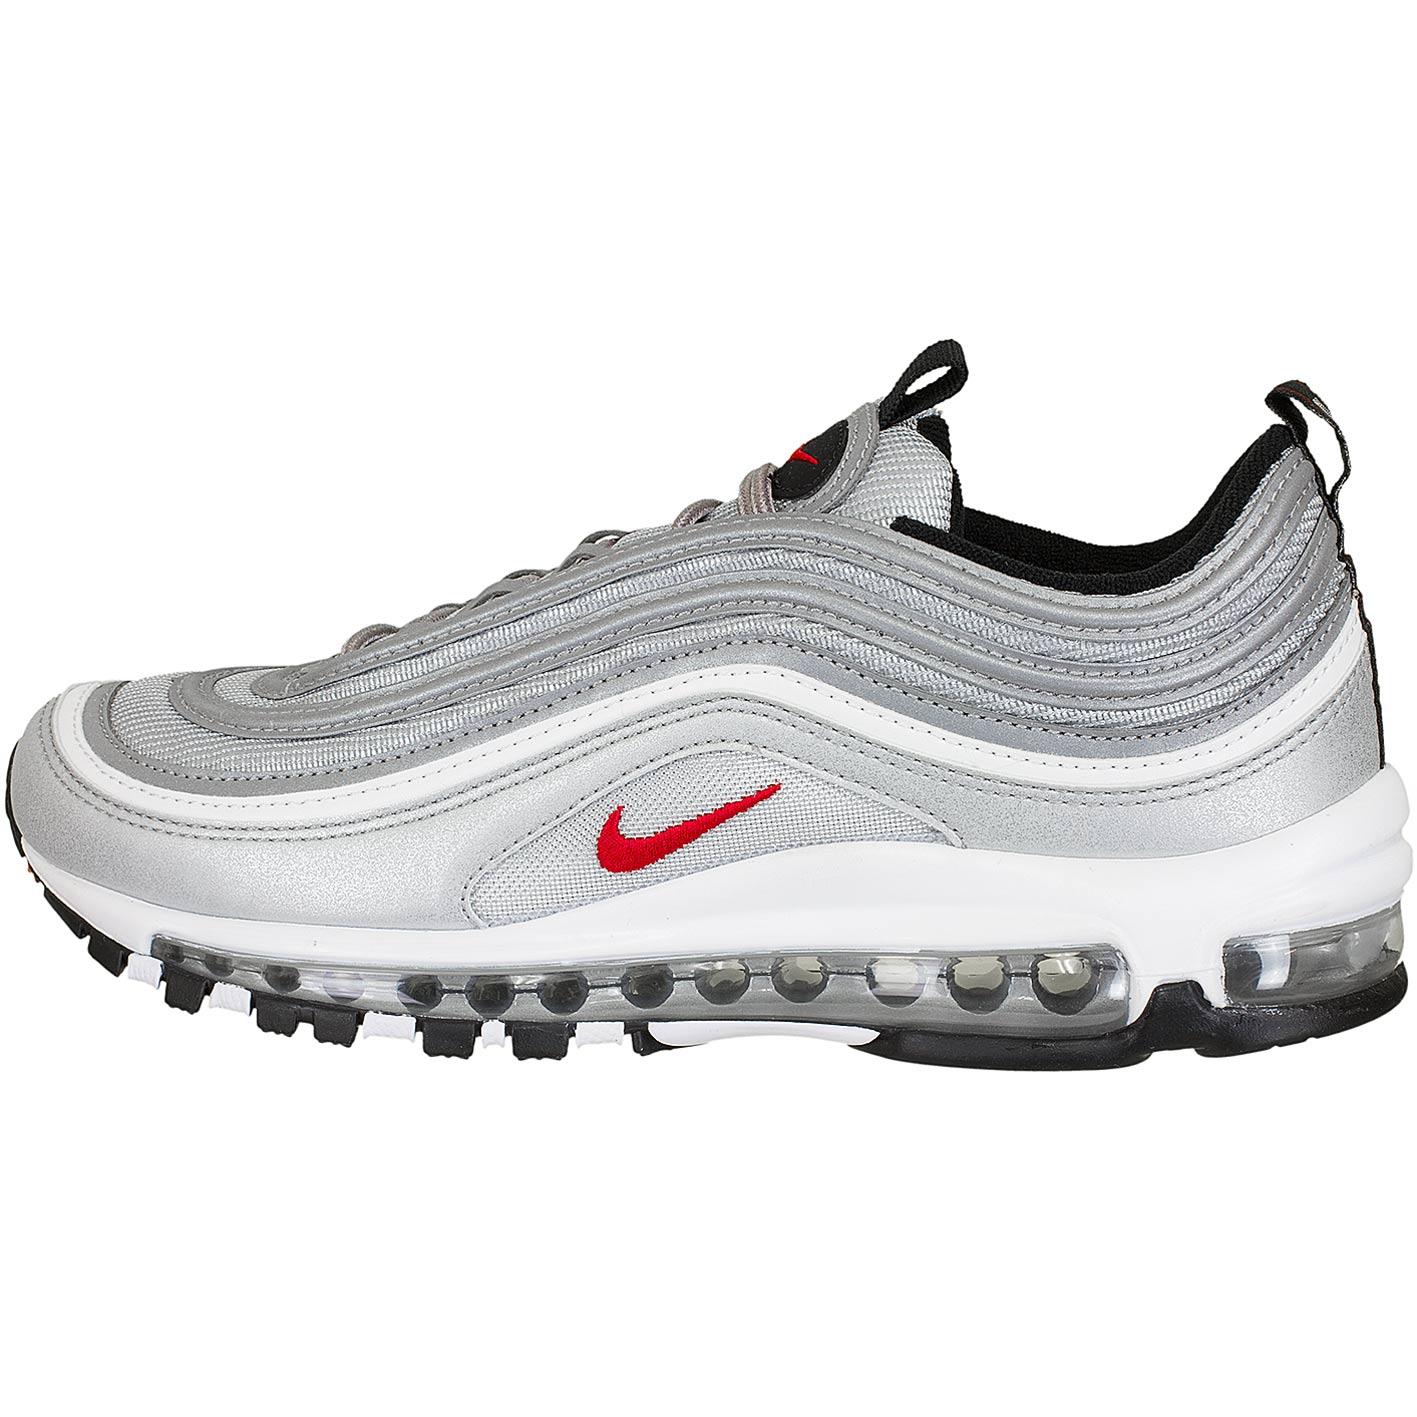 9a8c473d99b4 ☆ Nike Damen Sneaker Air Max 97 OG silber rot - hier bestellen!